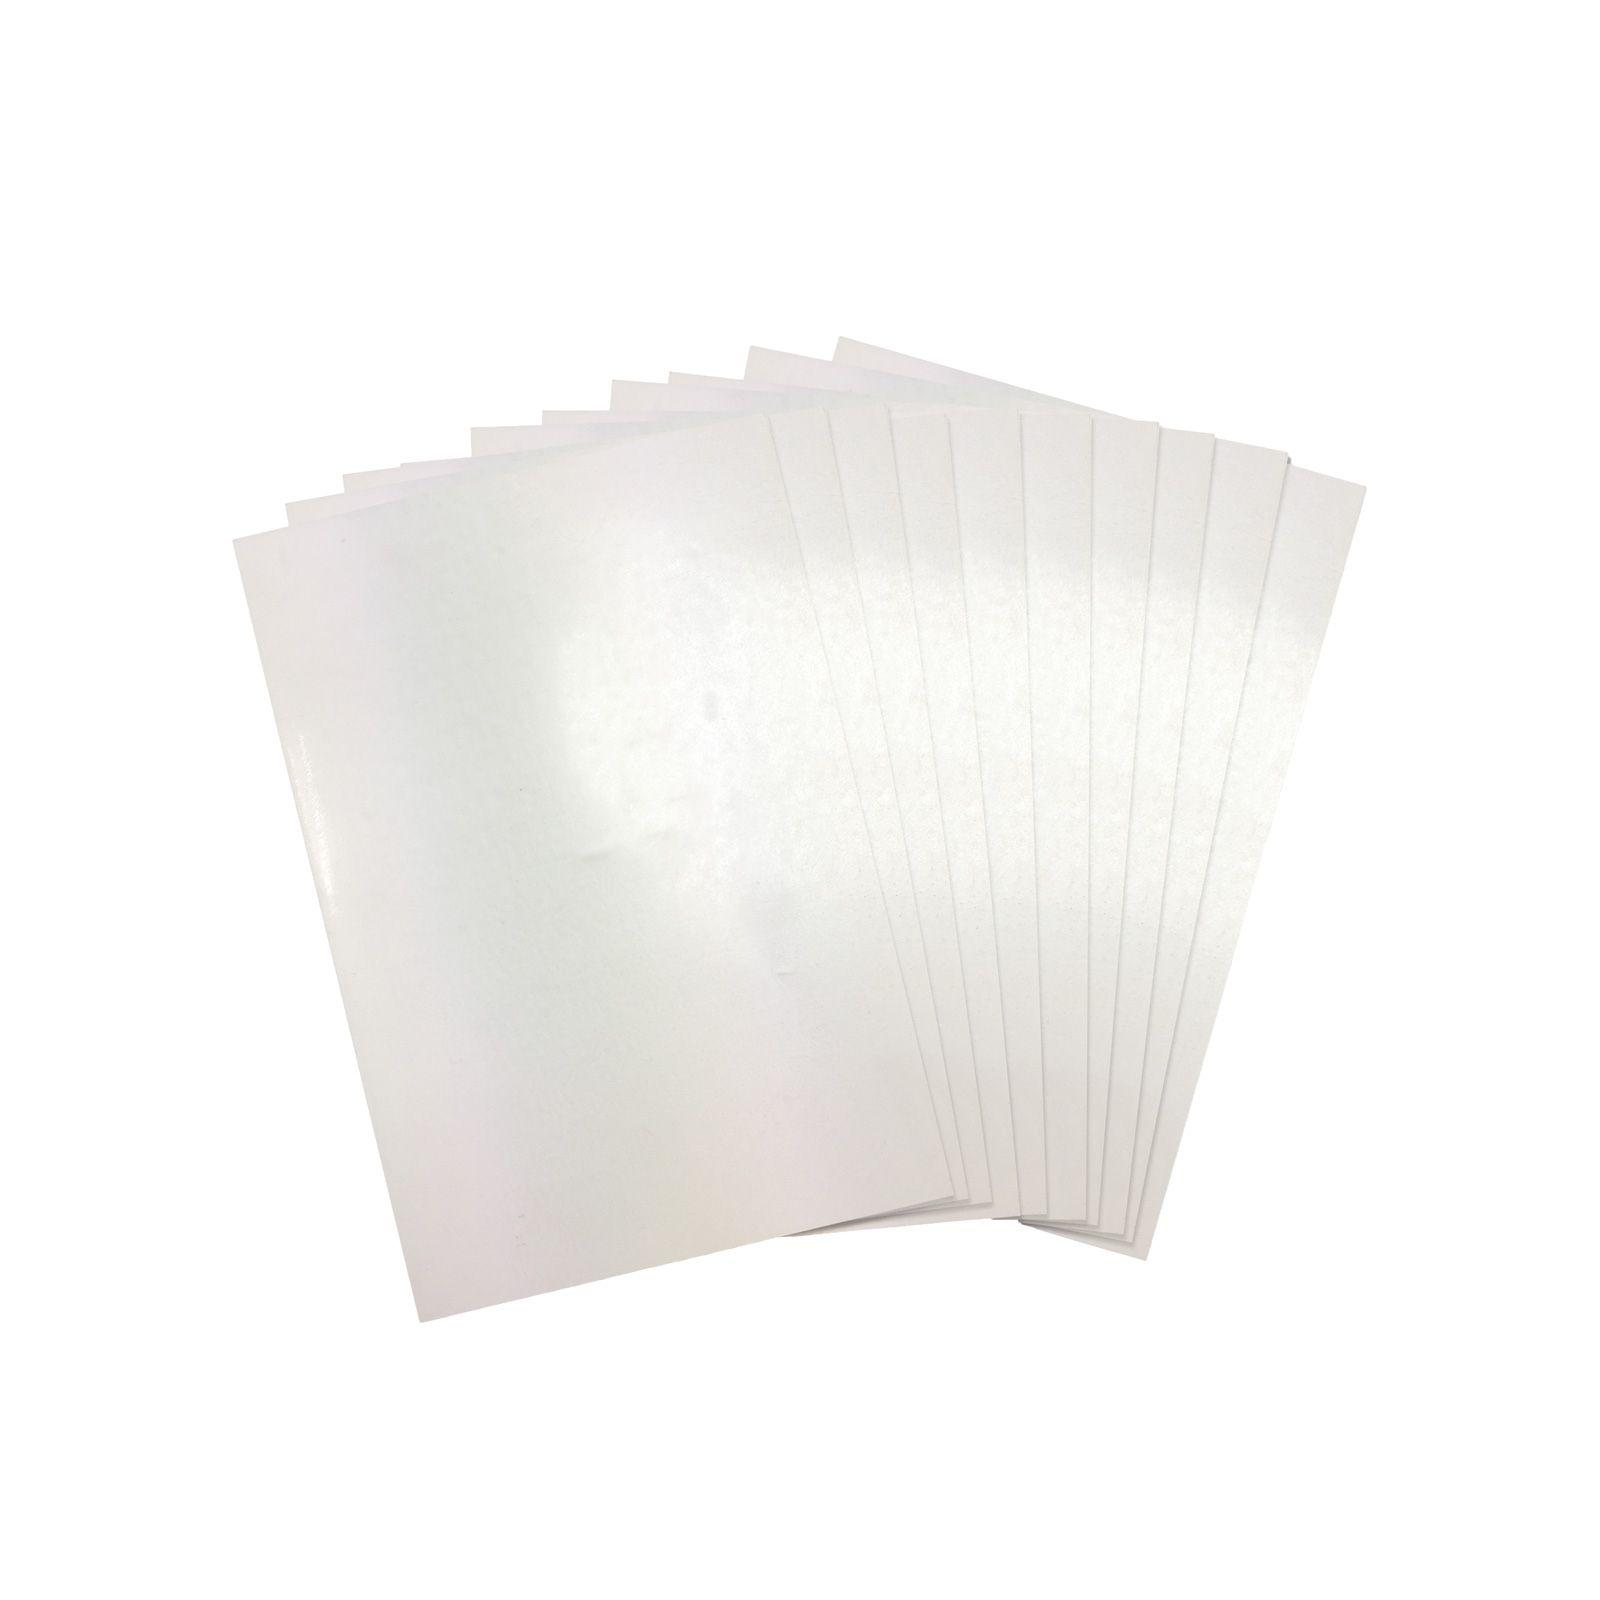 Sizzix Making Essential Shrink Plastic 8 1 2 X 11 10 Sheets Shrink Plastic Shrink Plastic Sheets Craft Supplies